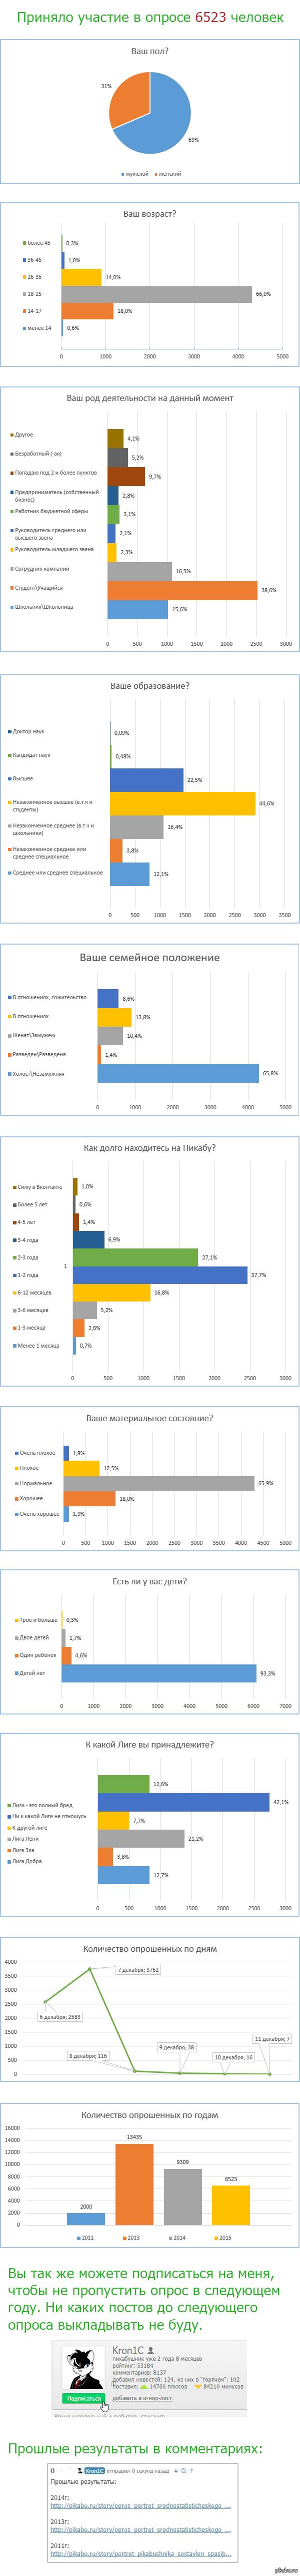 Опрос. Портрет среднестатистического пикабушника 2015г (Результаты)